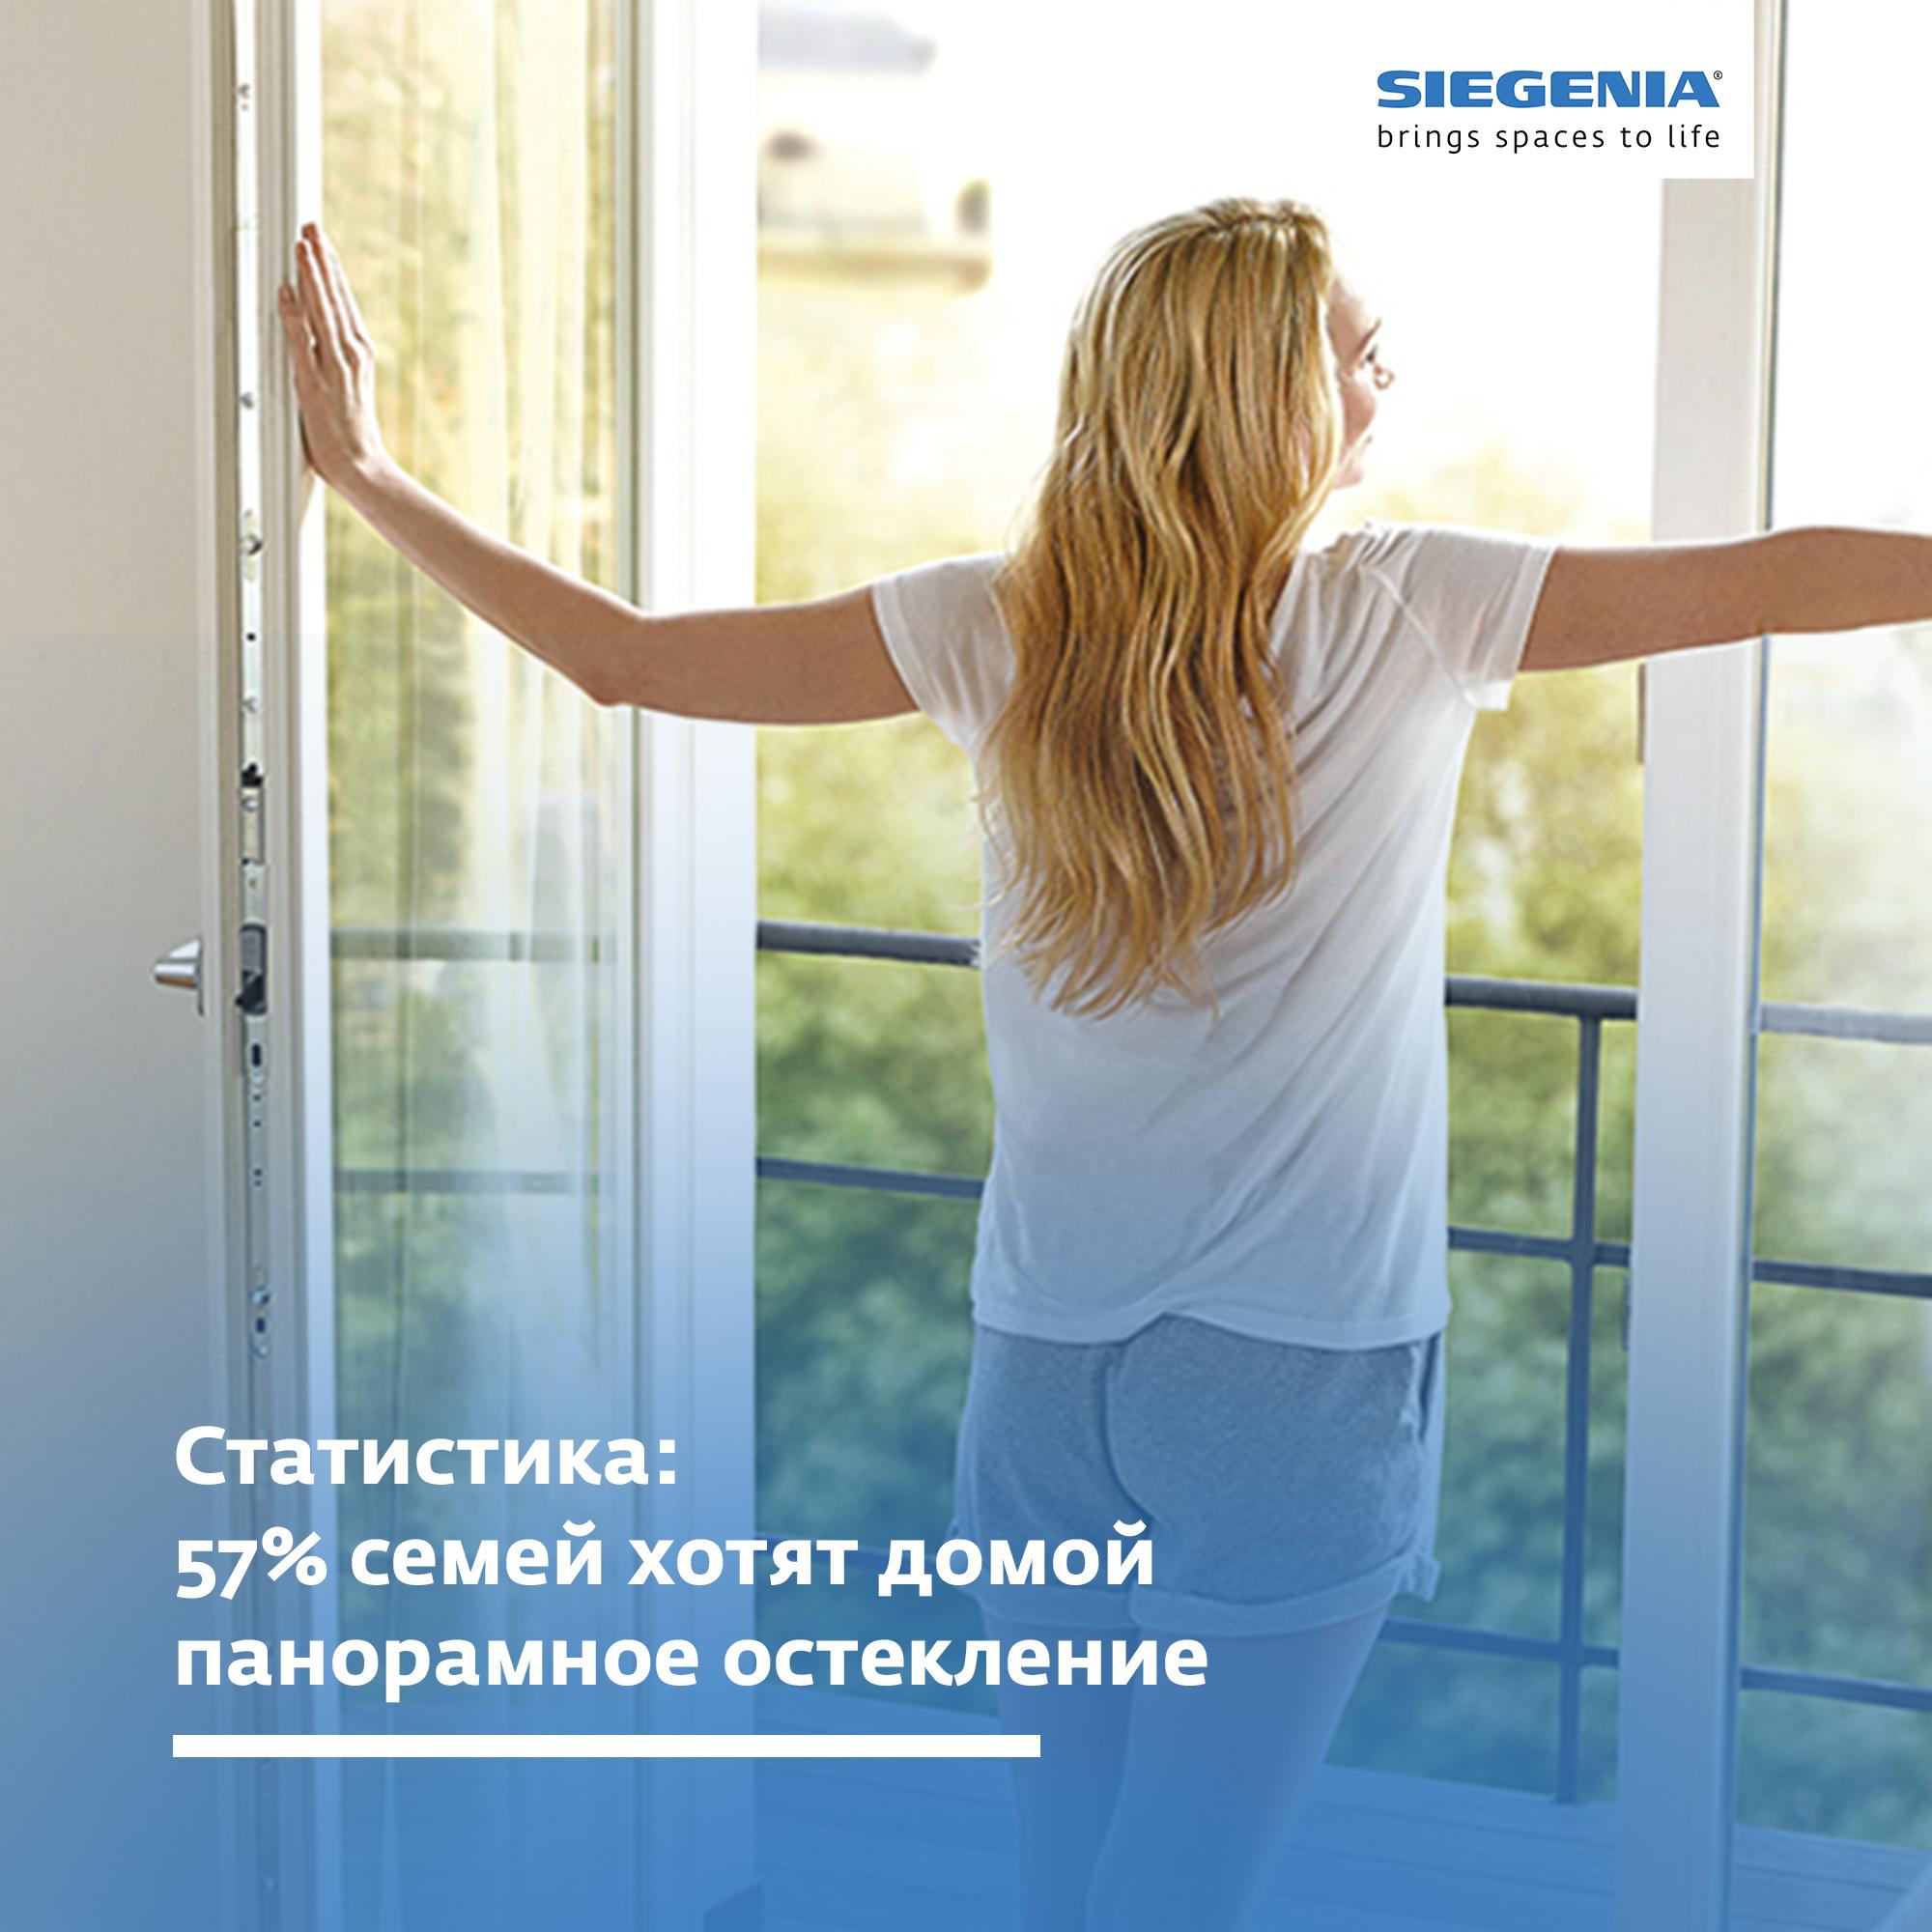 statistika-57-semej-hotyat-domoj-panoramnoe-osteklenie